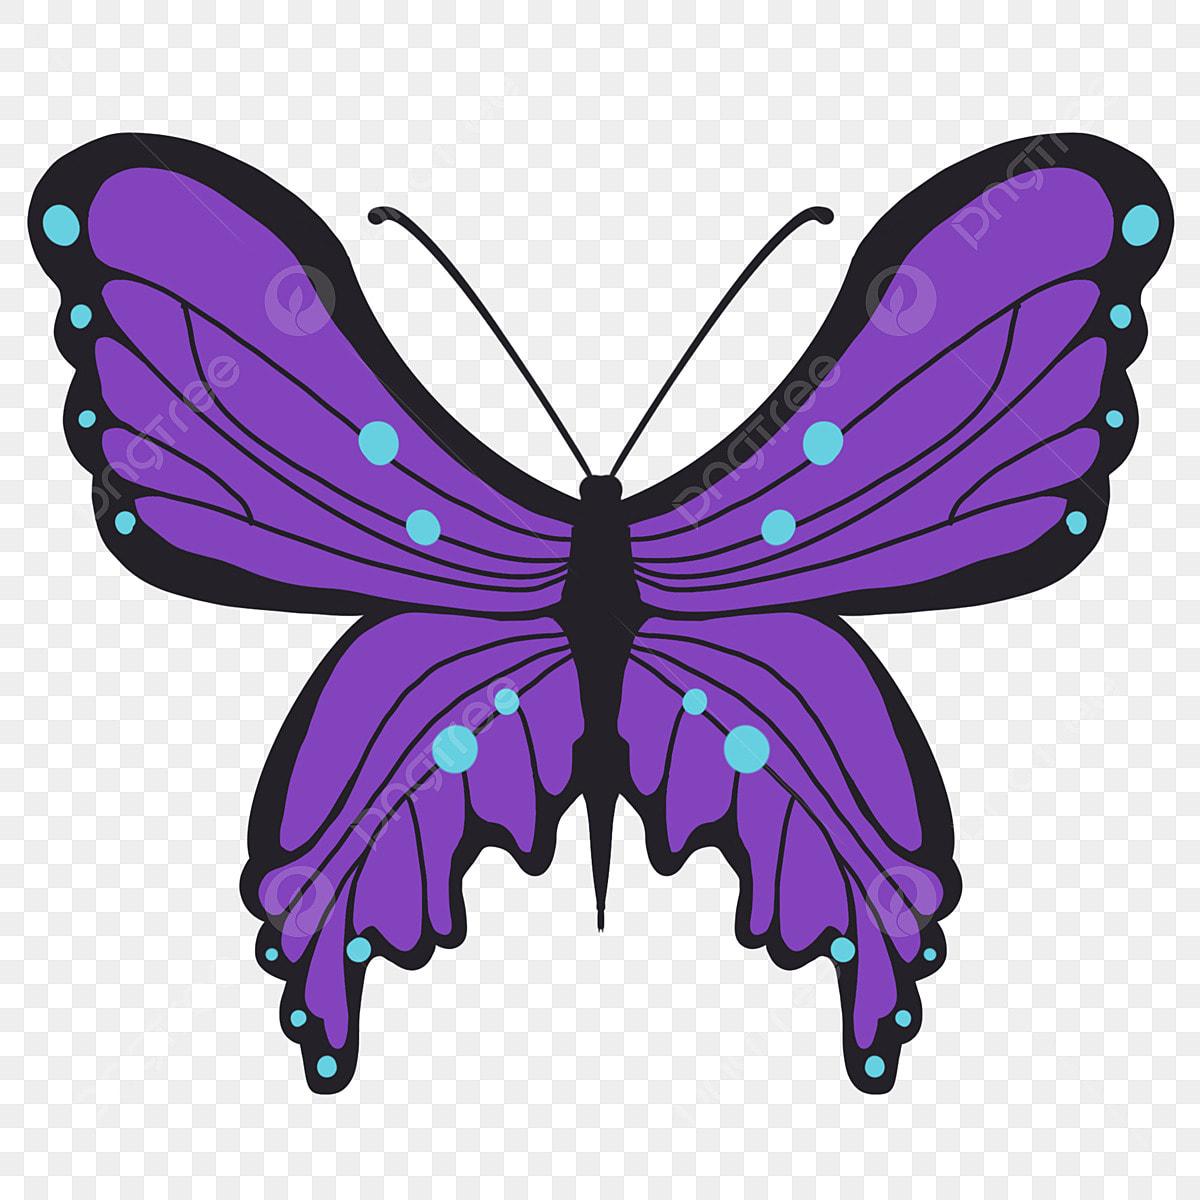 فراشة أرجوانية فراشة أرجوانية بقعة زرقاء حشرة بقعة زرقاء فراشة رسوم متحركة Png وملف Psd للتحميل مجانا